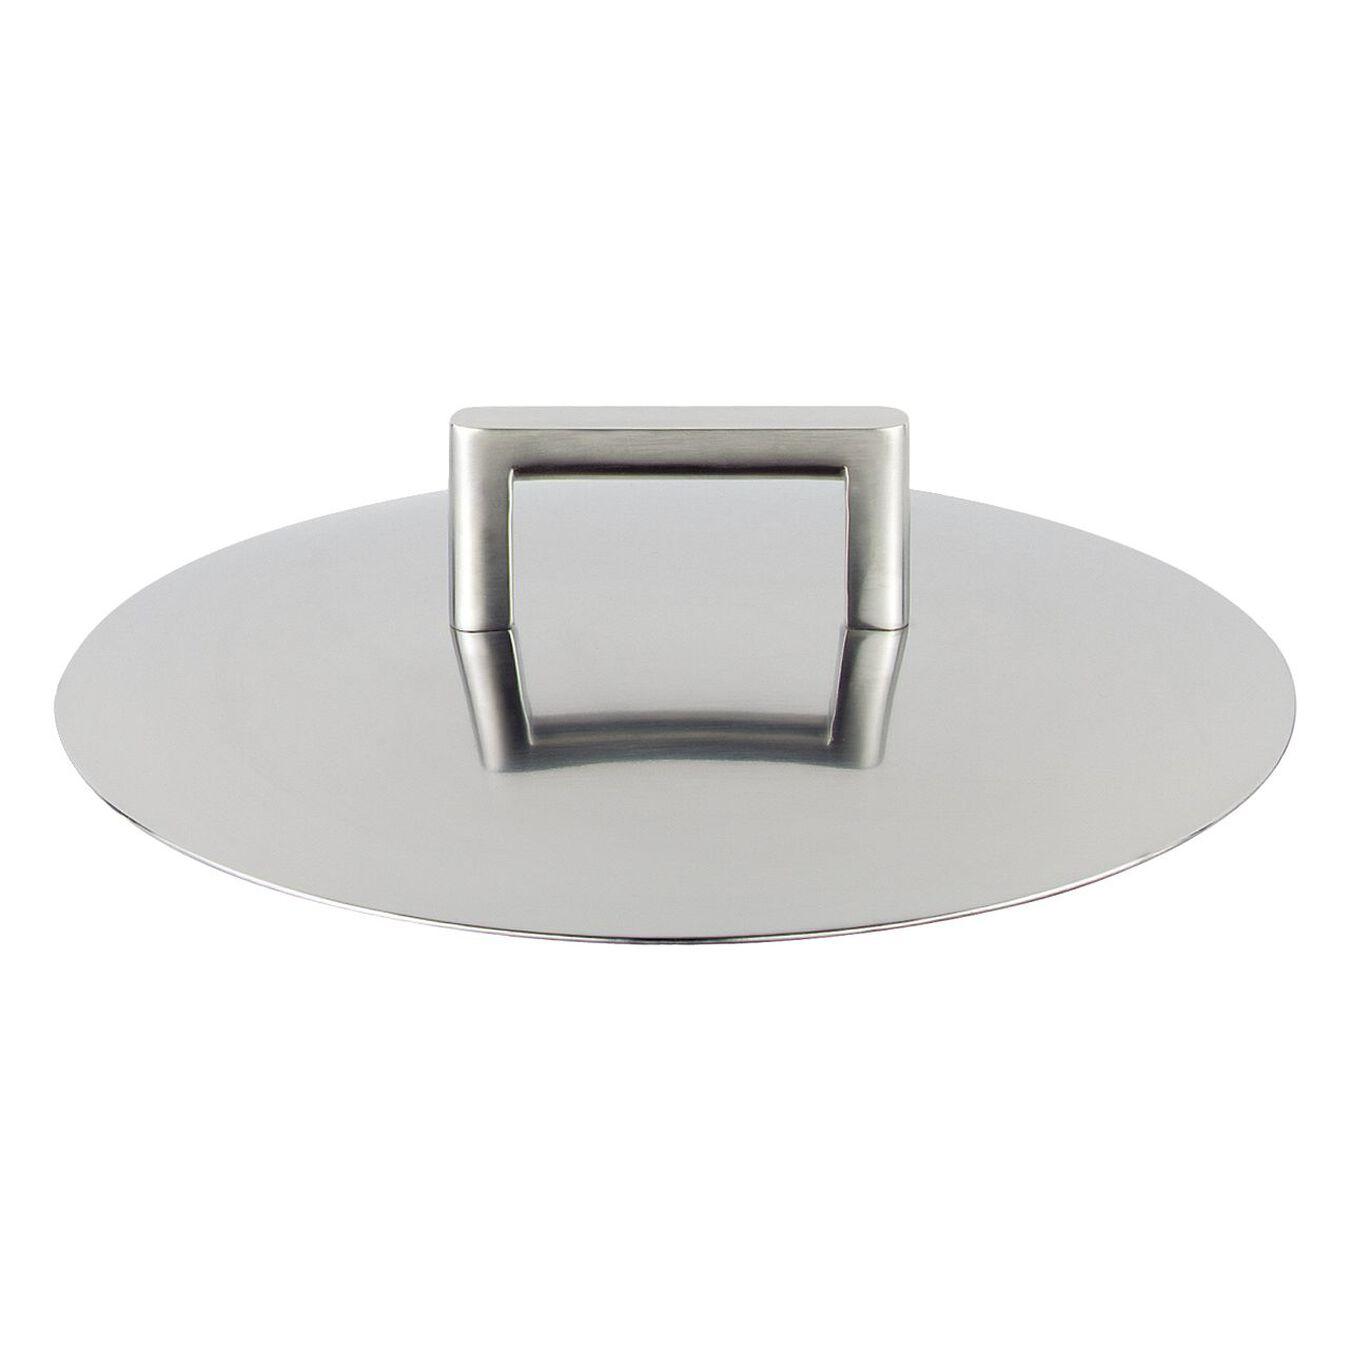 Coperchio - 18 cm, acciaio,,large 1